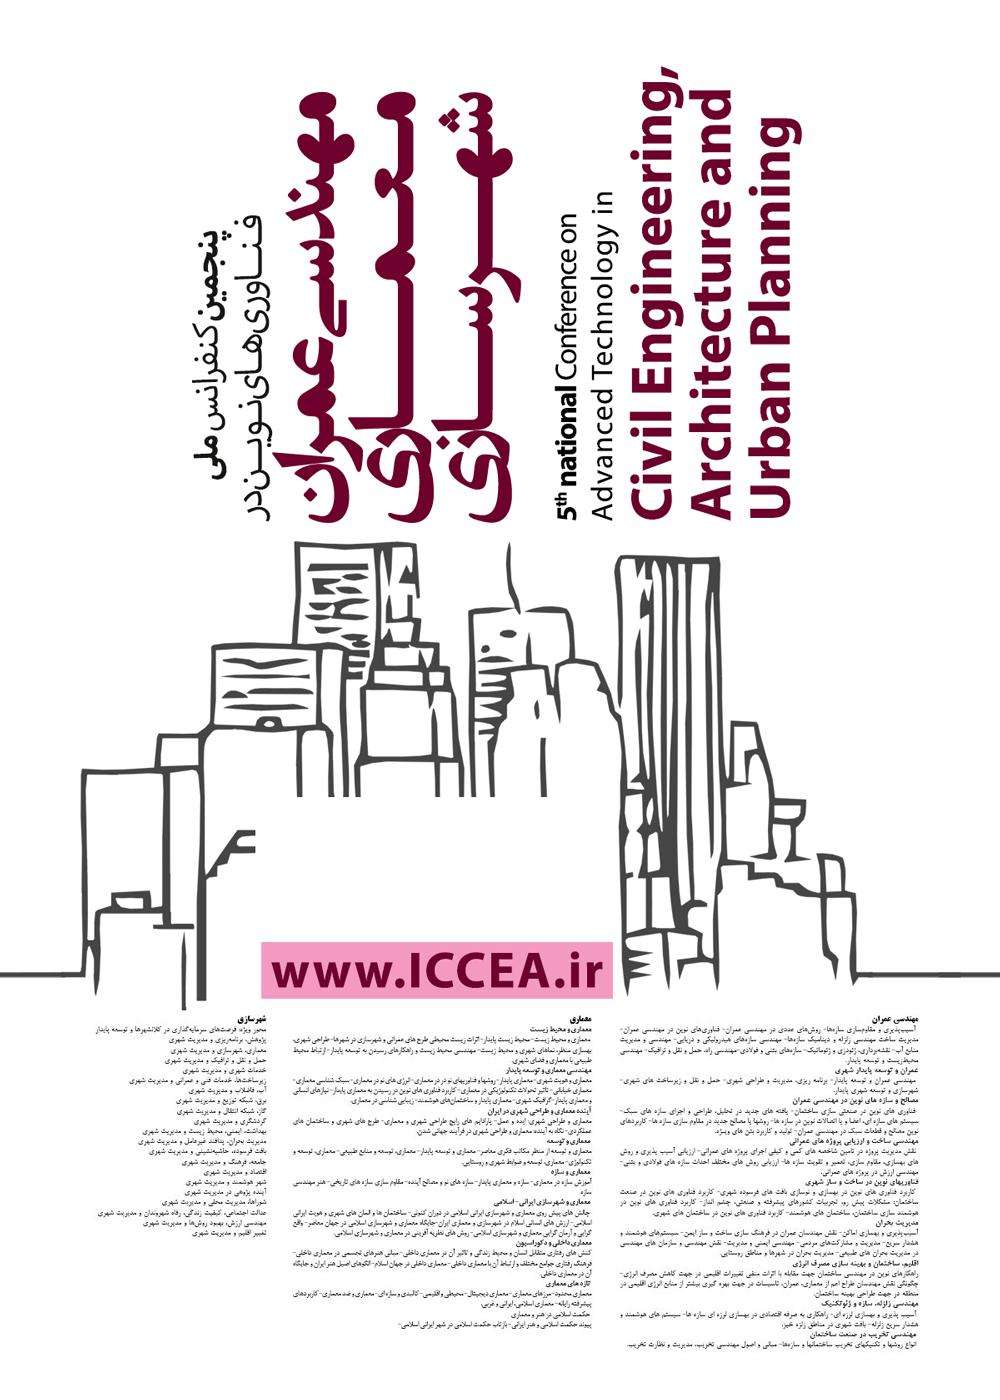 پنجمین کنفرانس ملی فناوریهای نوین در مهندسی عمران، معماری و شهرسازی